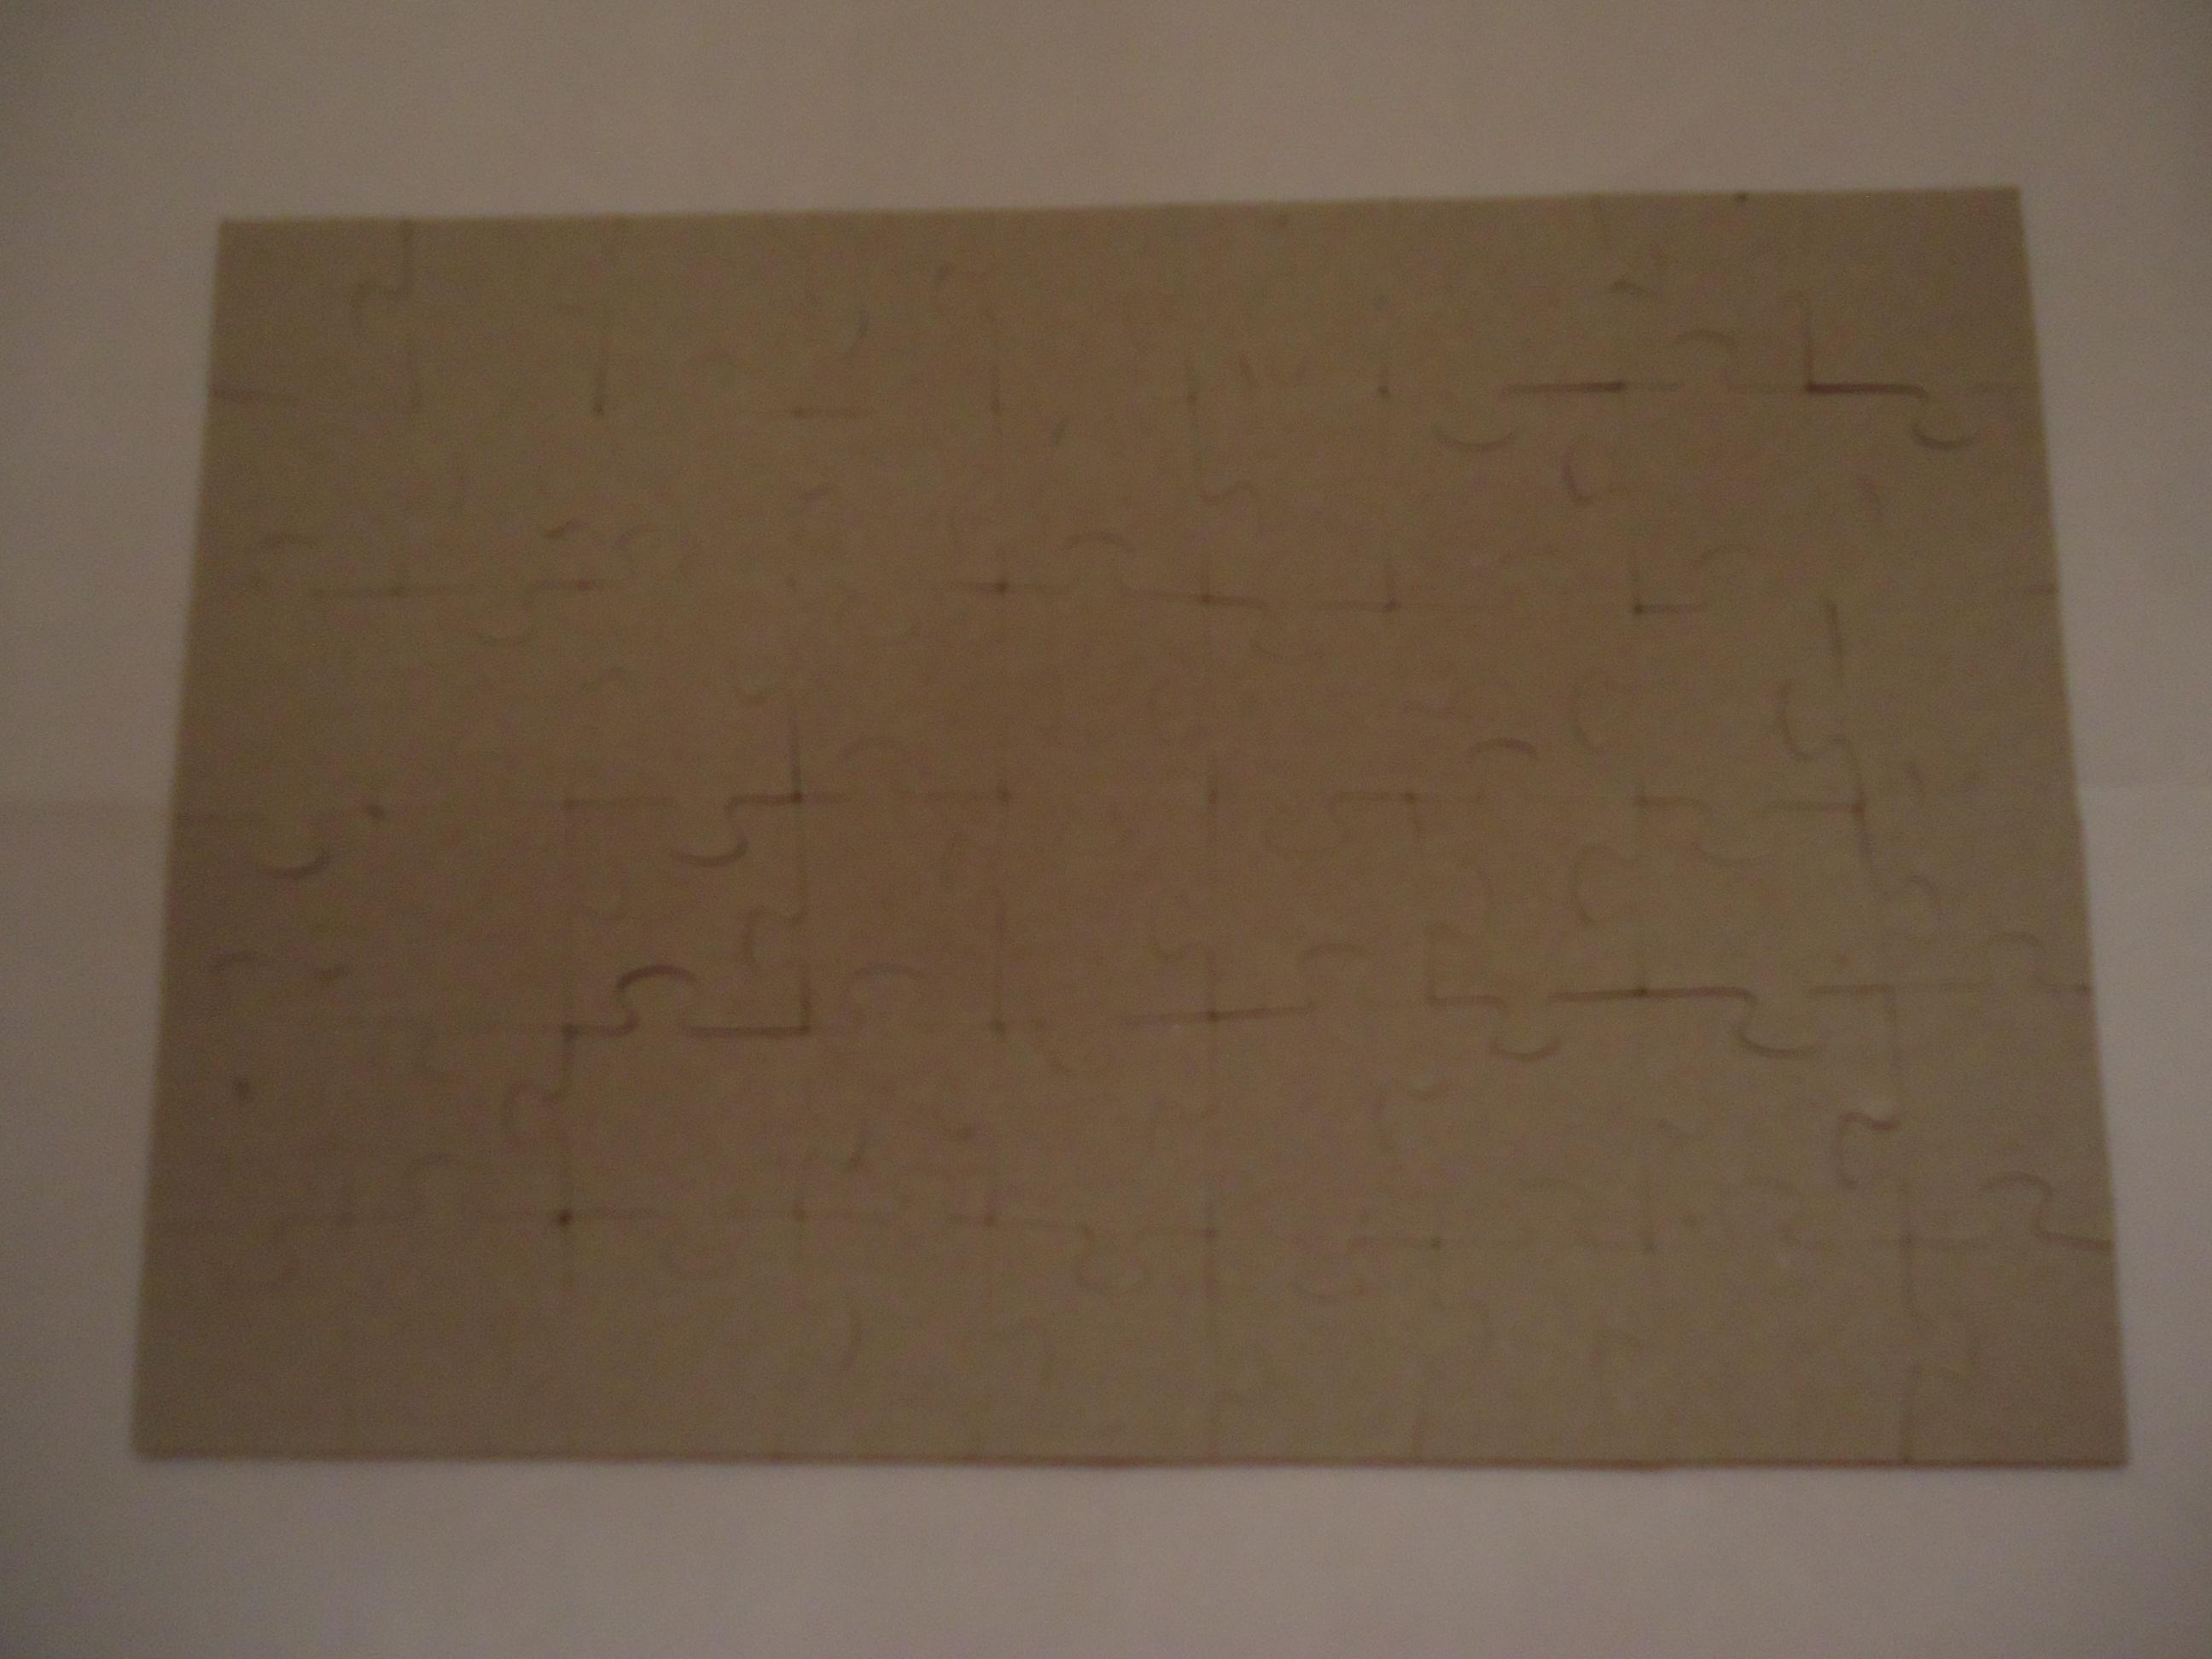 troc de troc puzzle playmobil dans son emballage tbe image 1